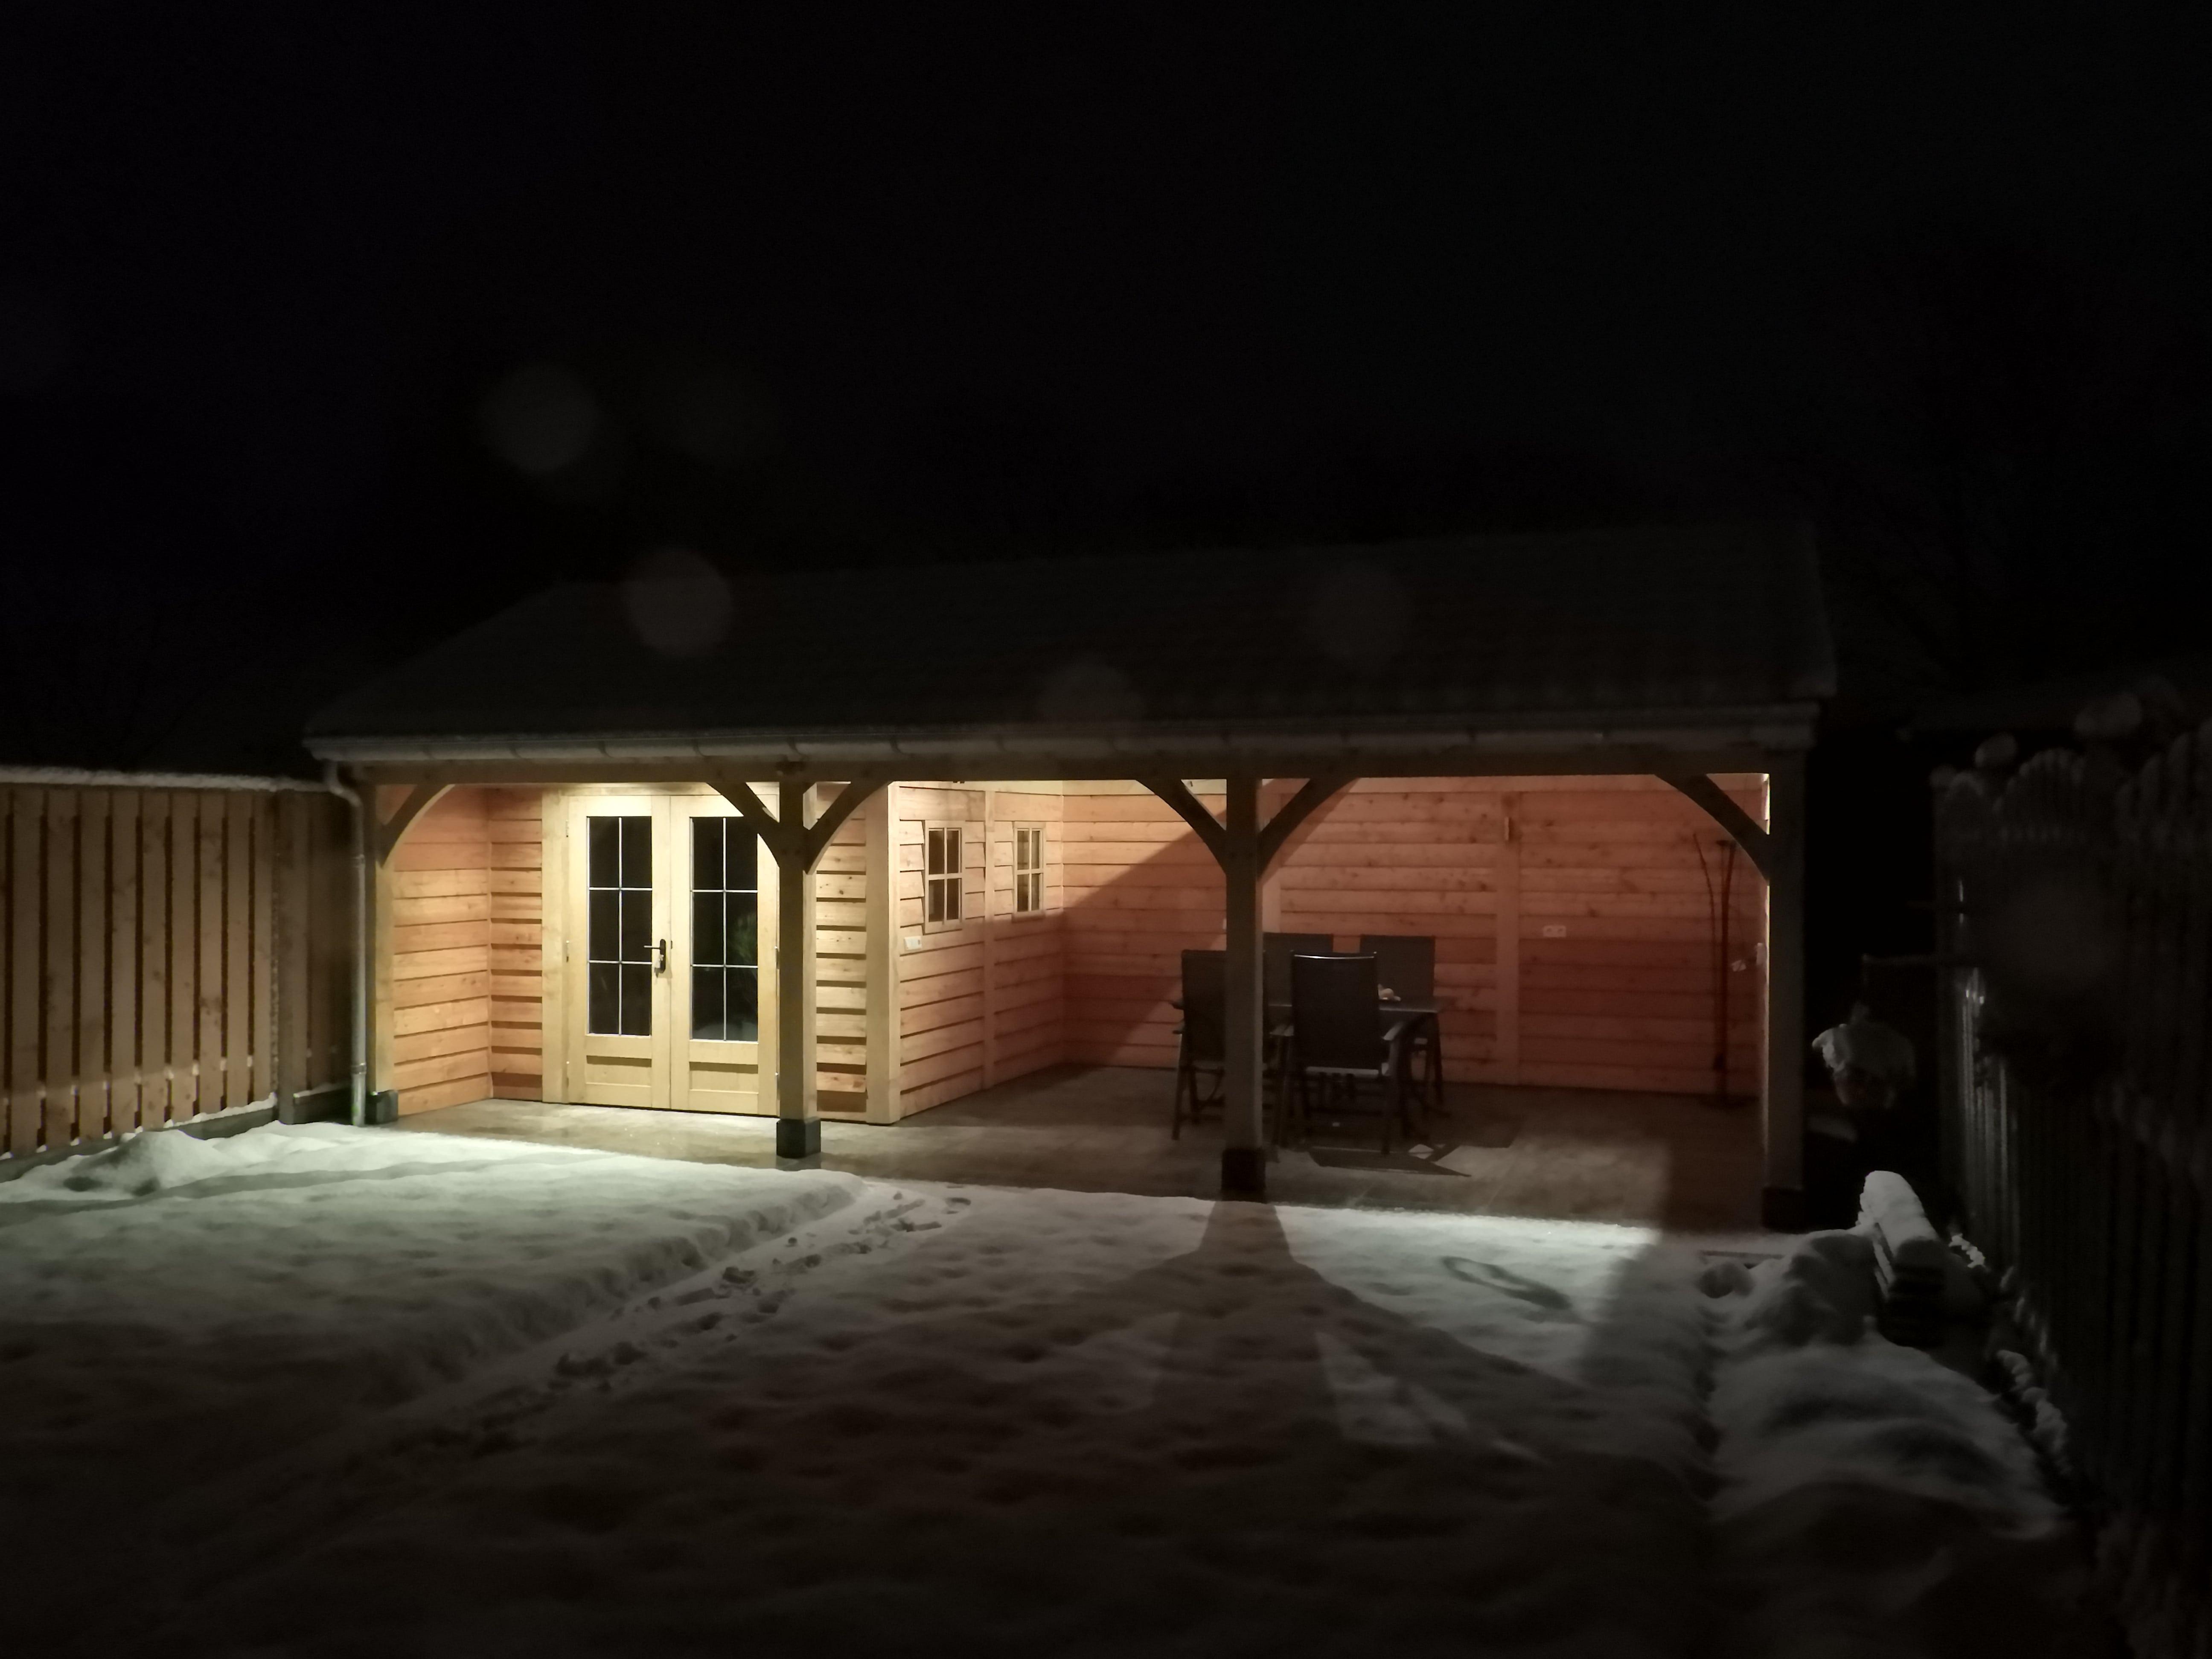 houten-tuinhuis-met-veranda-9-min - Project: Tuinhuis in winterse sfeer